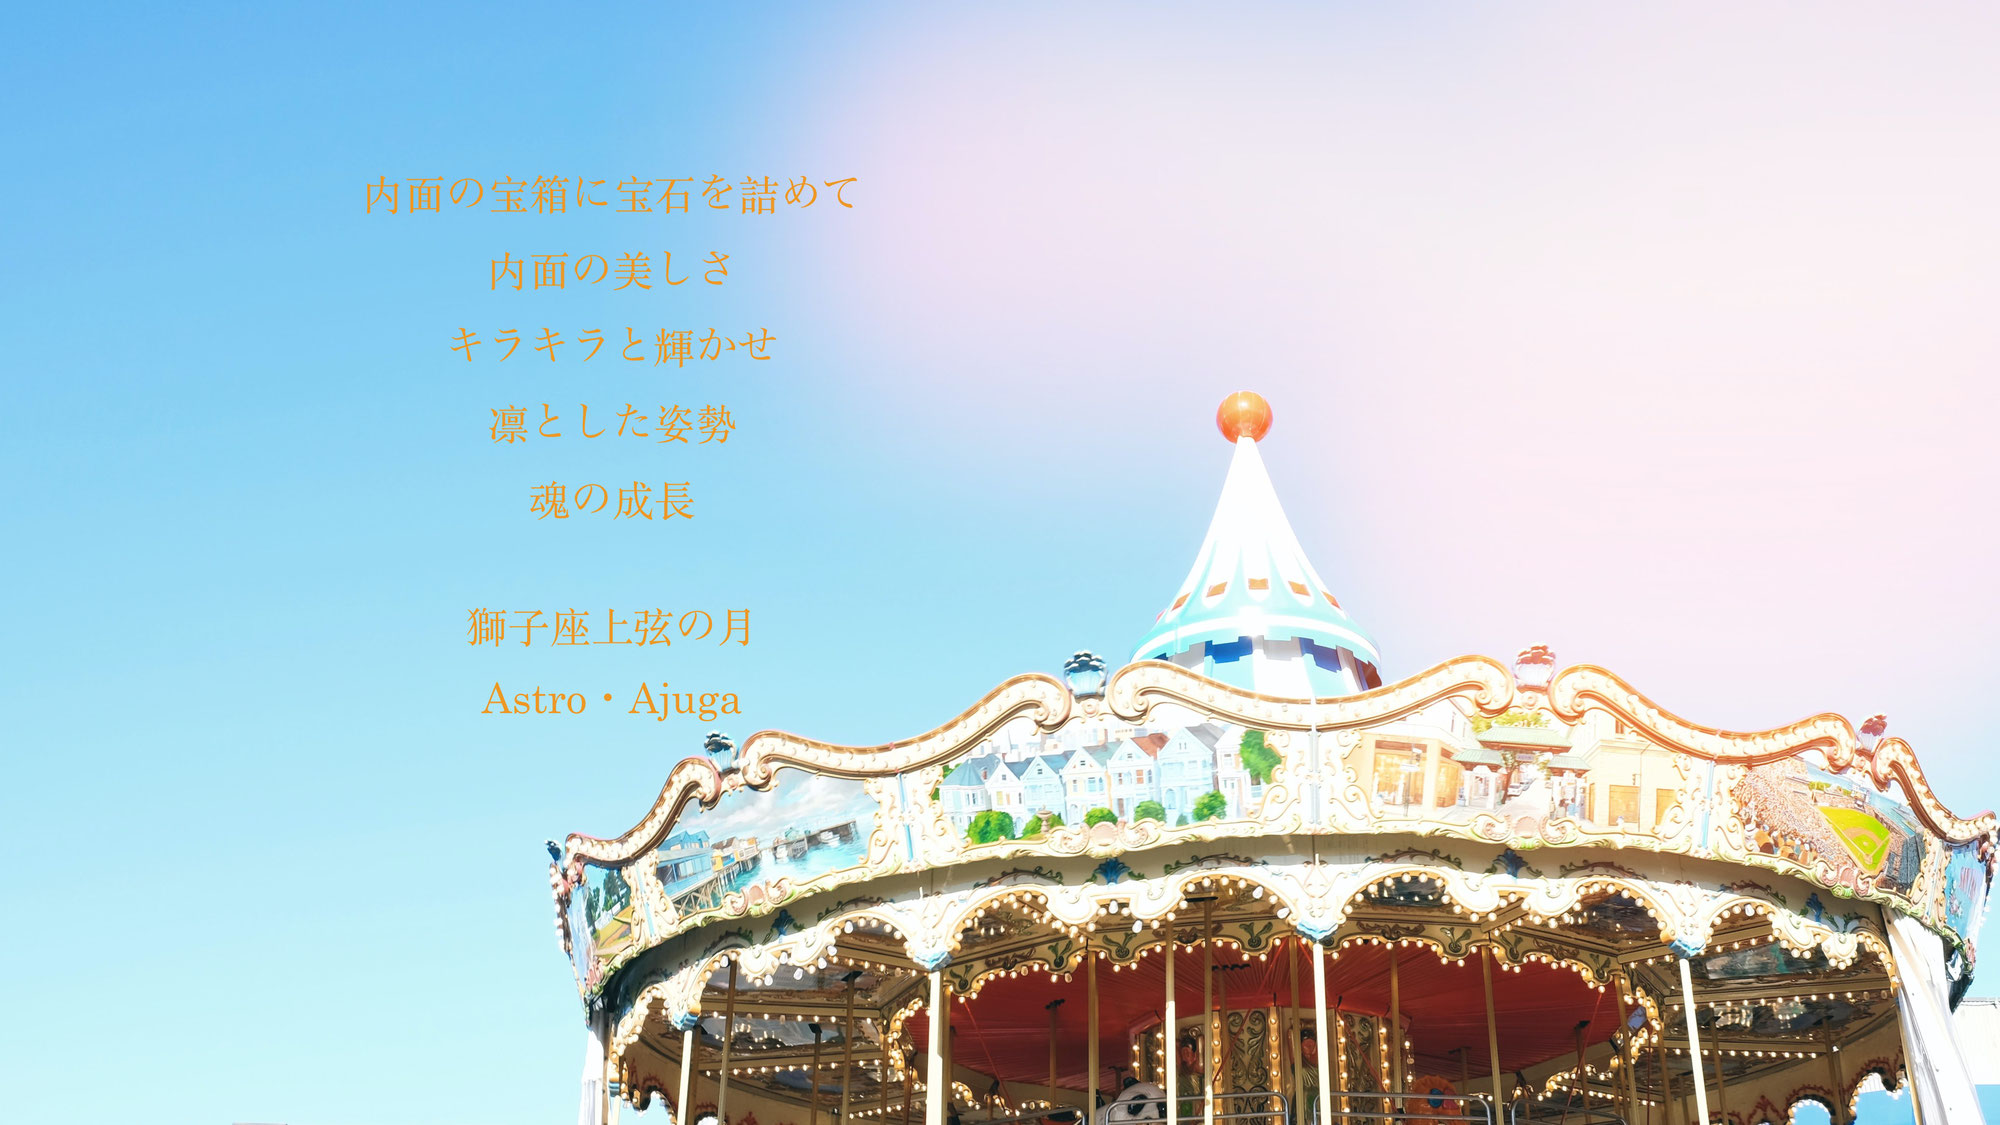 『獅子座上弦の月』4月20日「アジュガの星のコトバ」